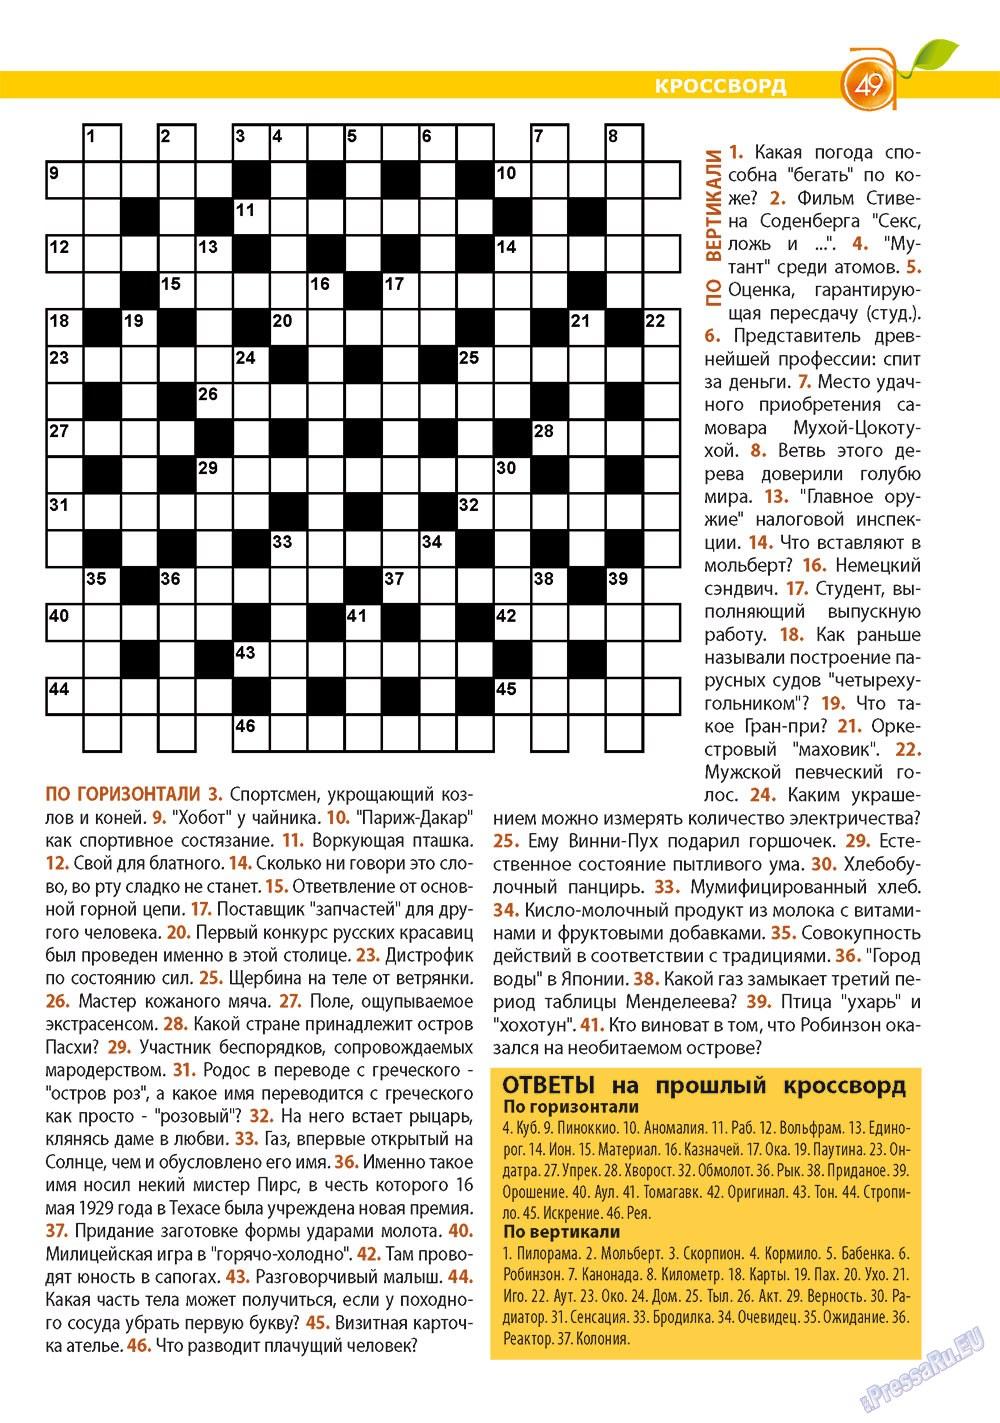 Апельсин (журнал). 2012 год, номер 35, стр. 49